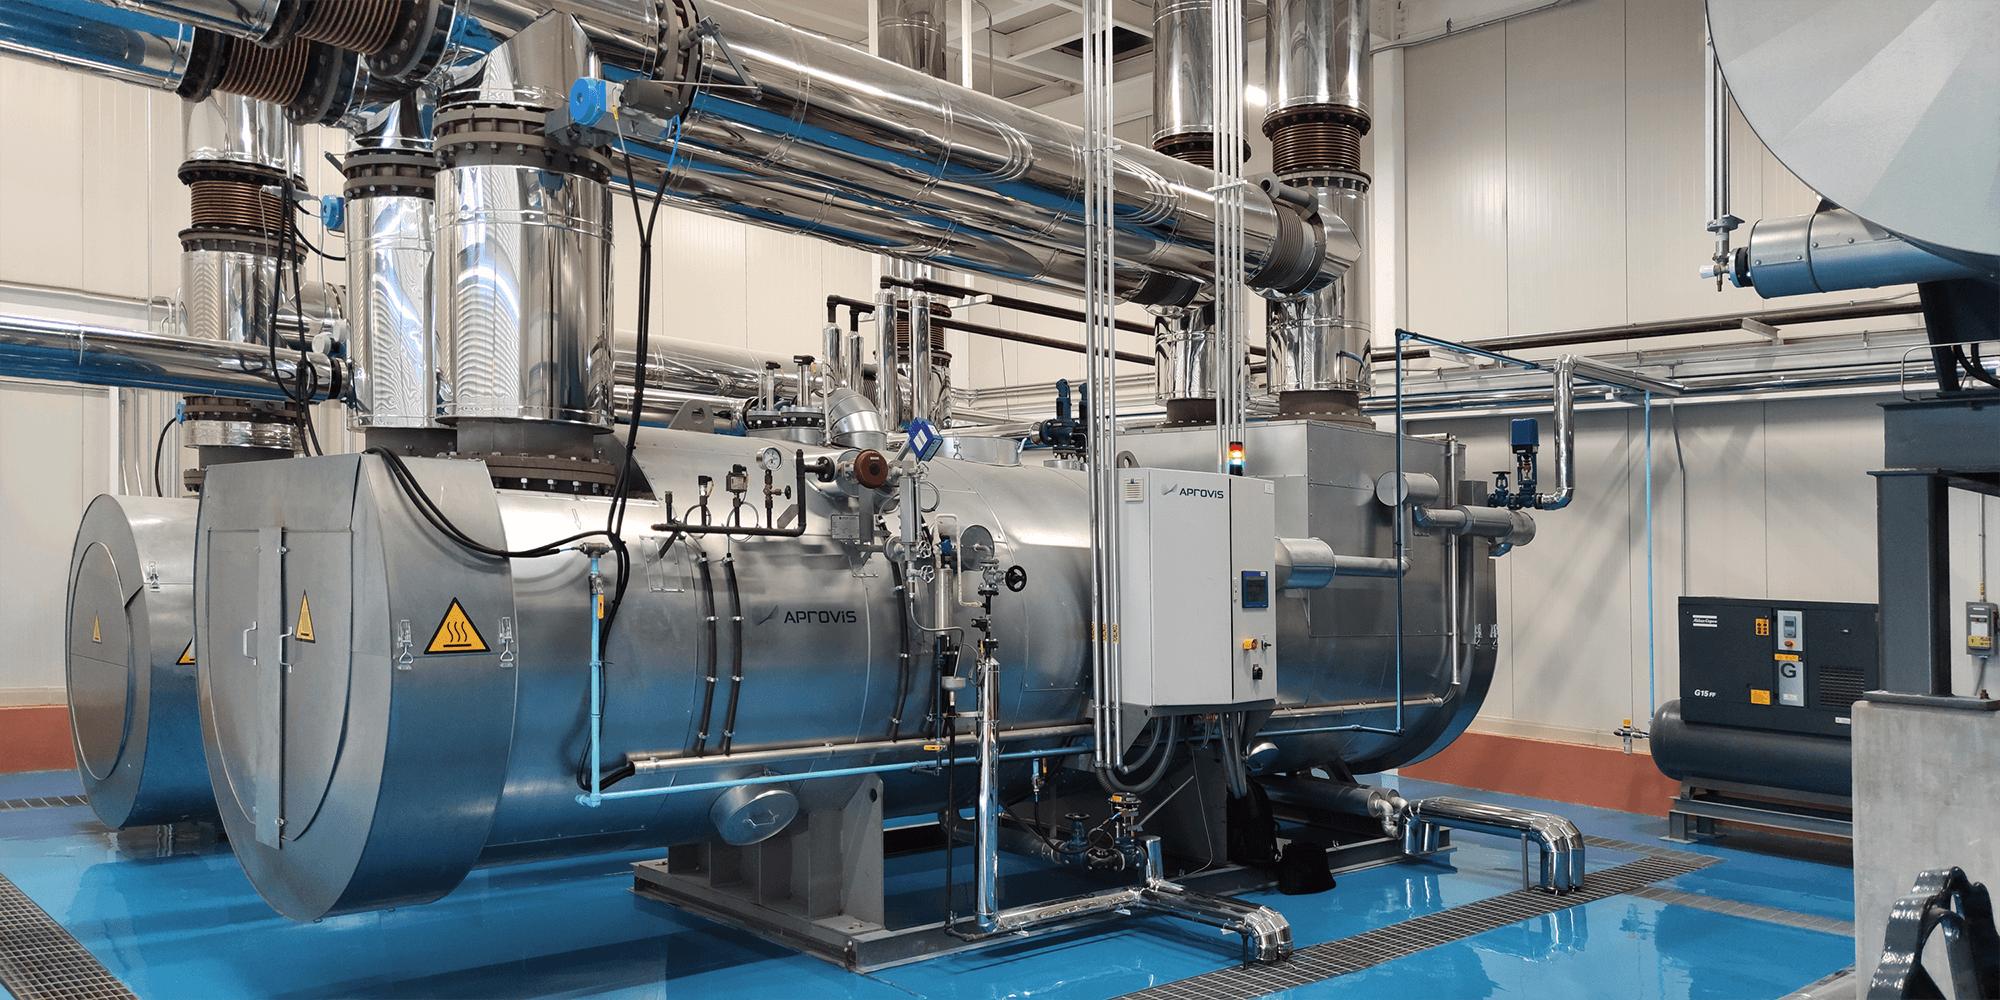 02_Dampferzeuger---Doppeldampferzeuger-für-die-Lebensmittelindustrie-in-Nordamerika